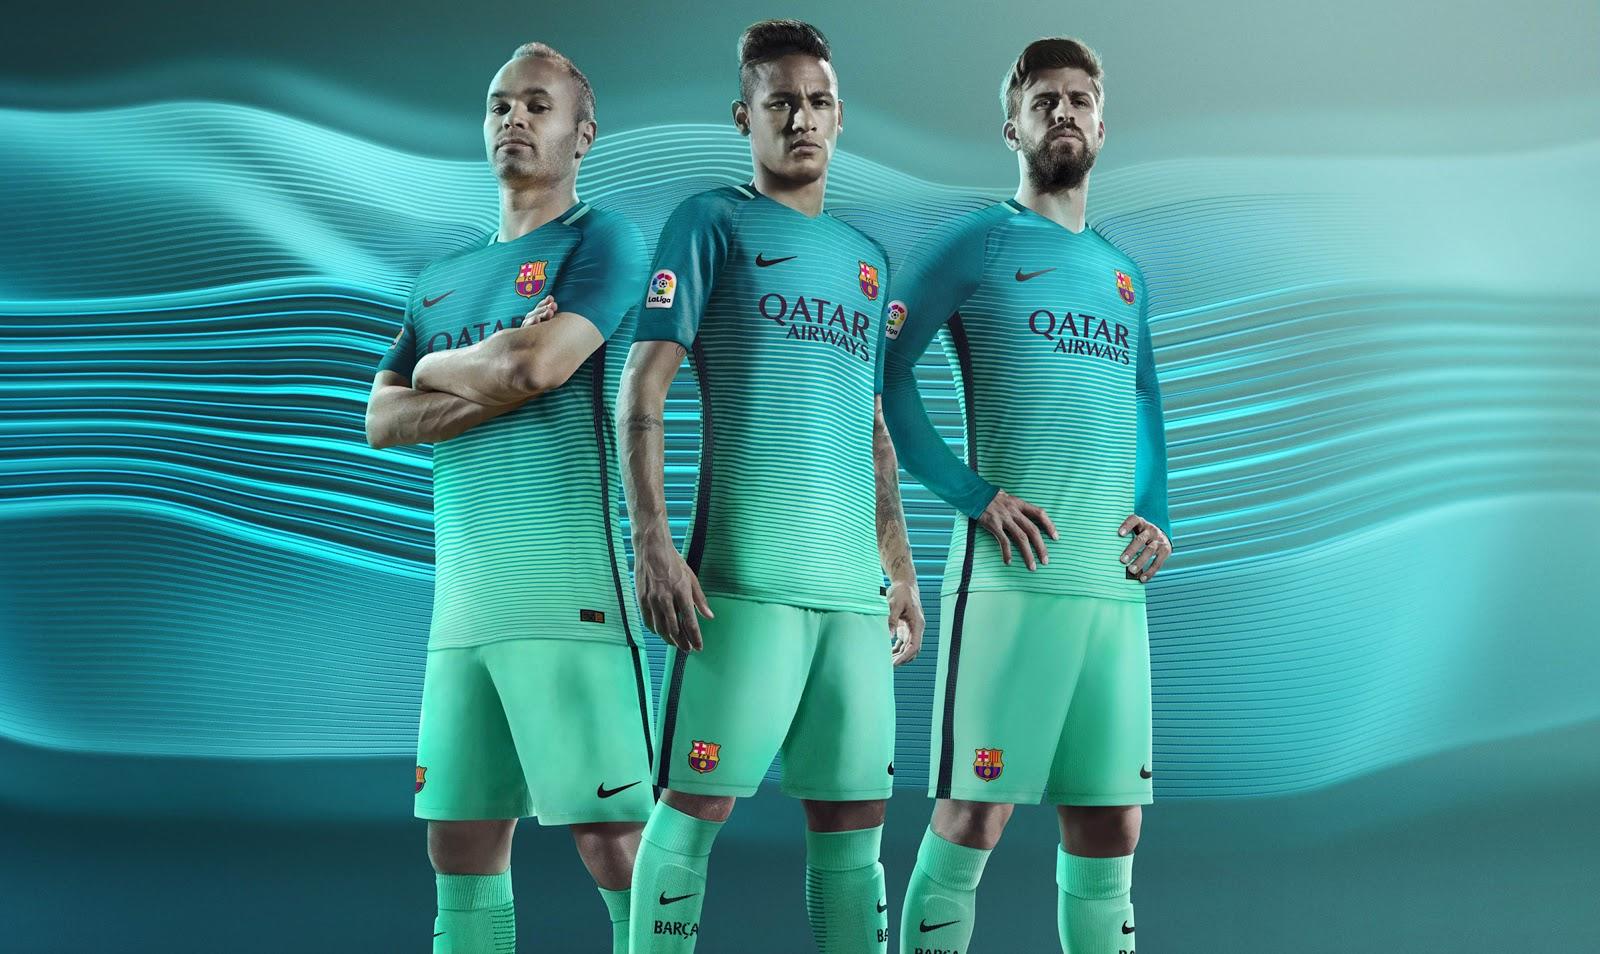 barcelona-16-17-third-kit-banner